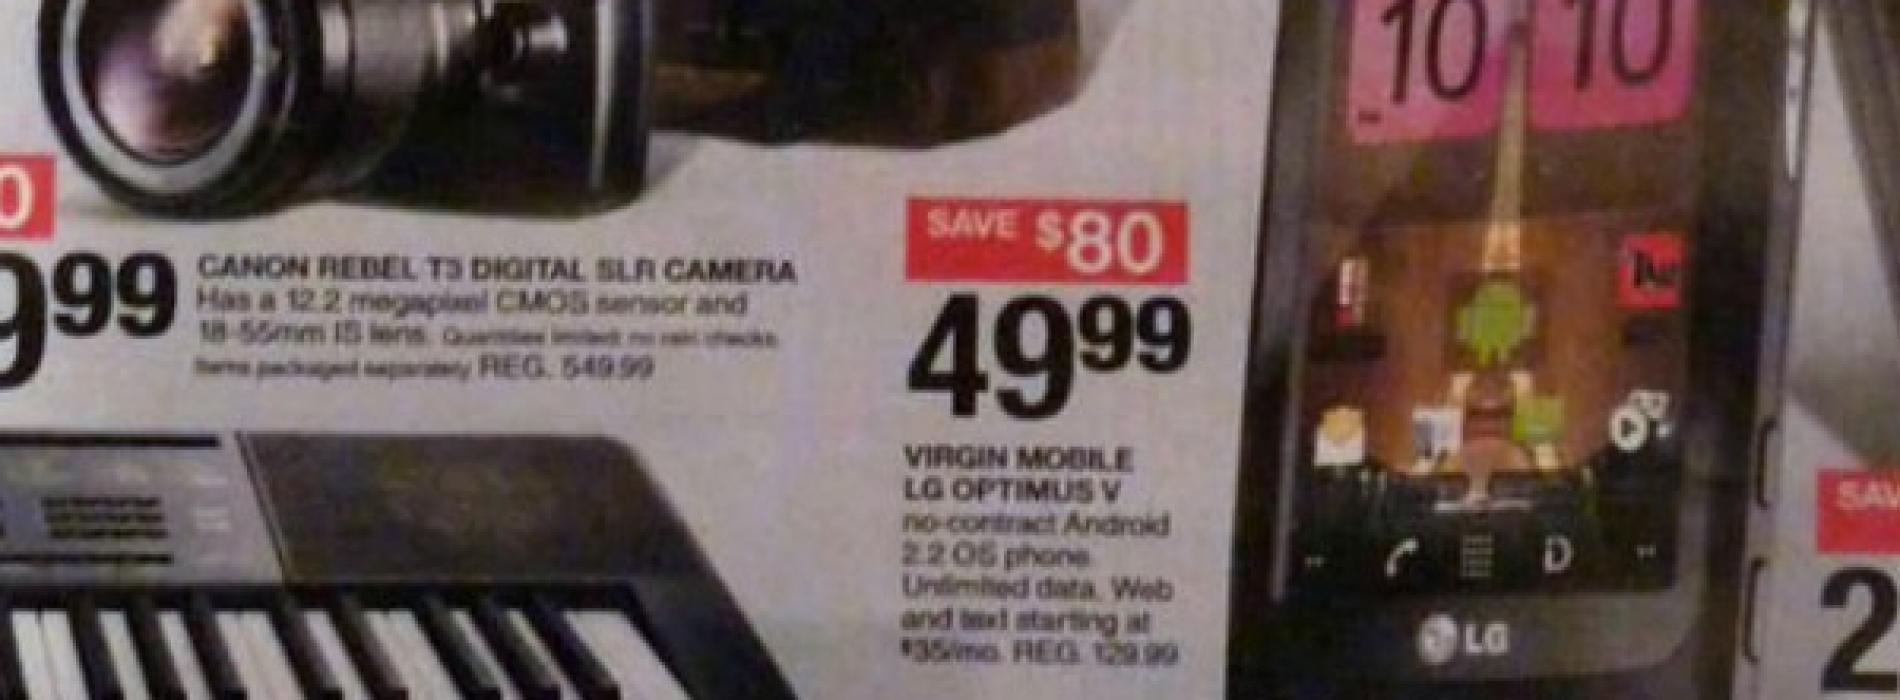 Target Black Friday has Optimus V for $49.99 (Virgin Mobile)